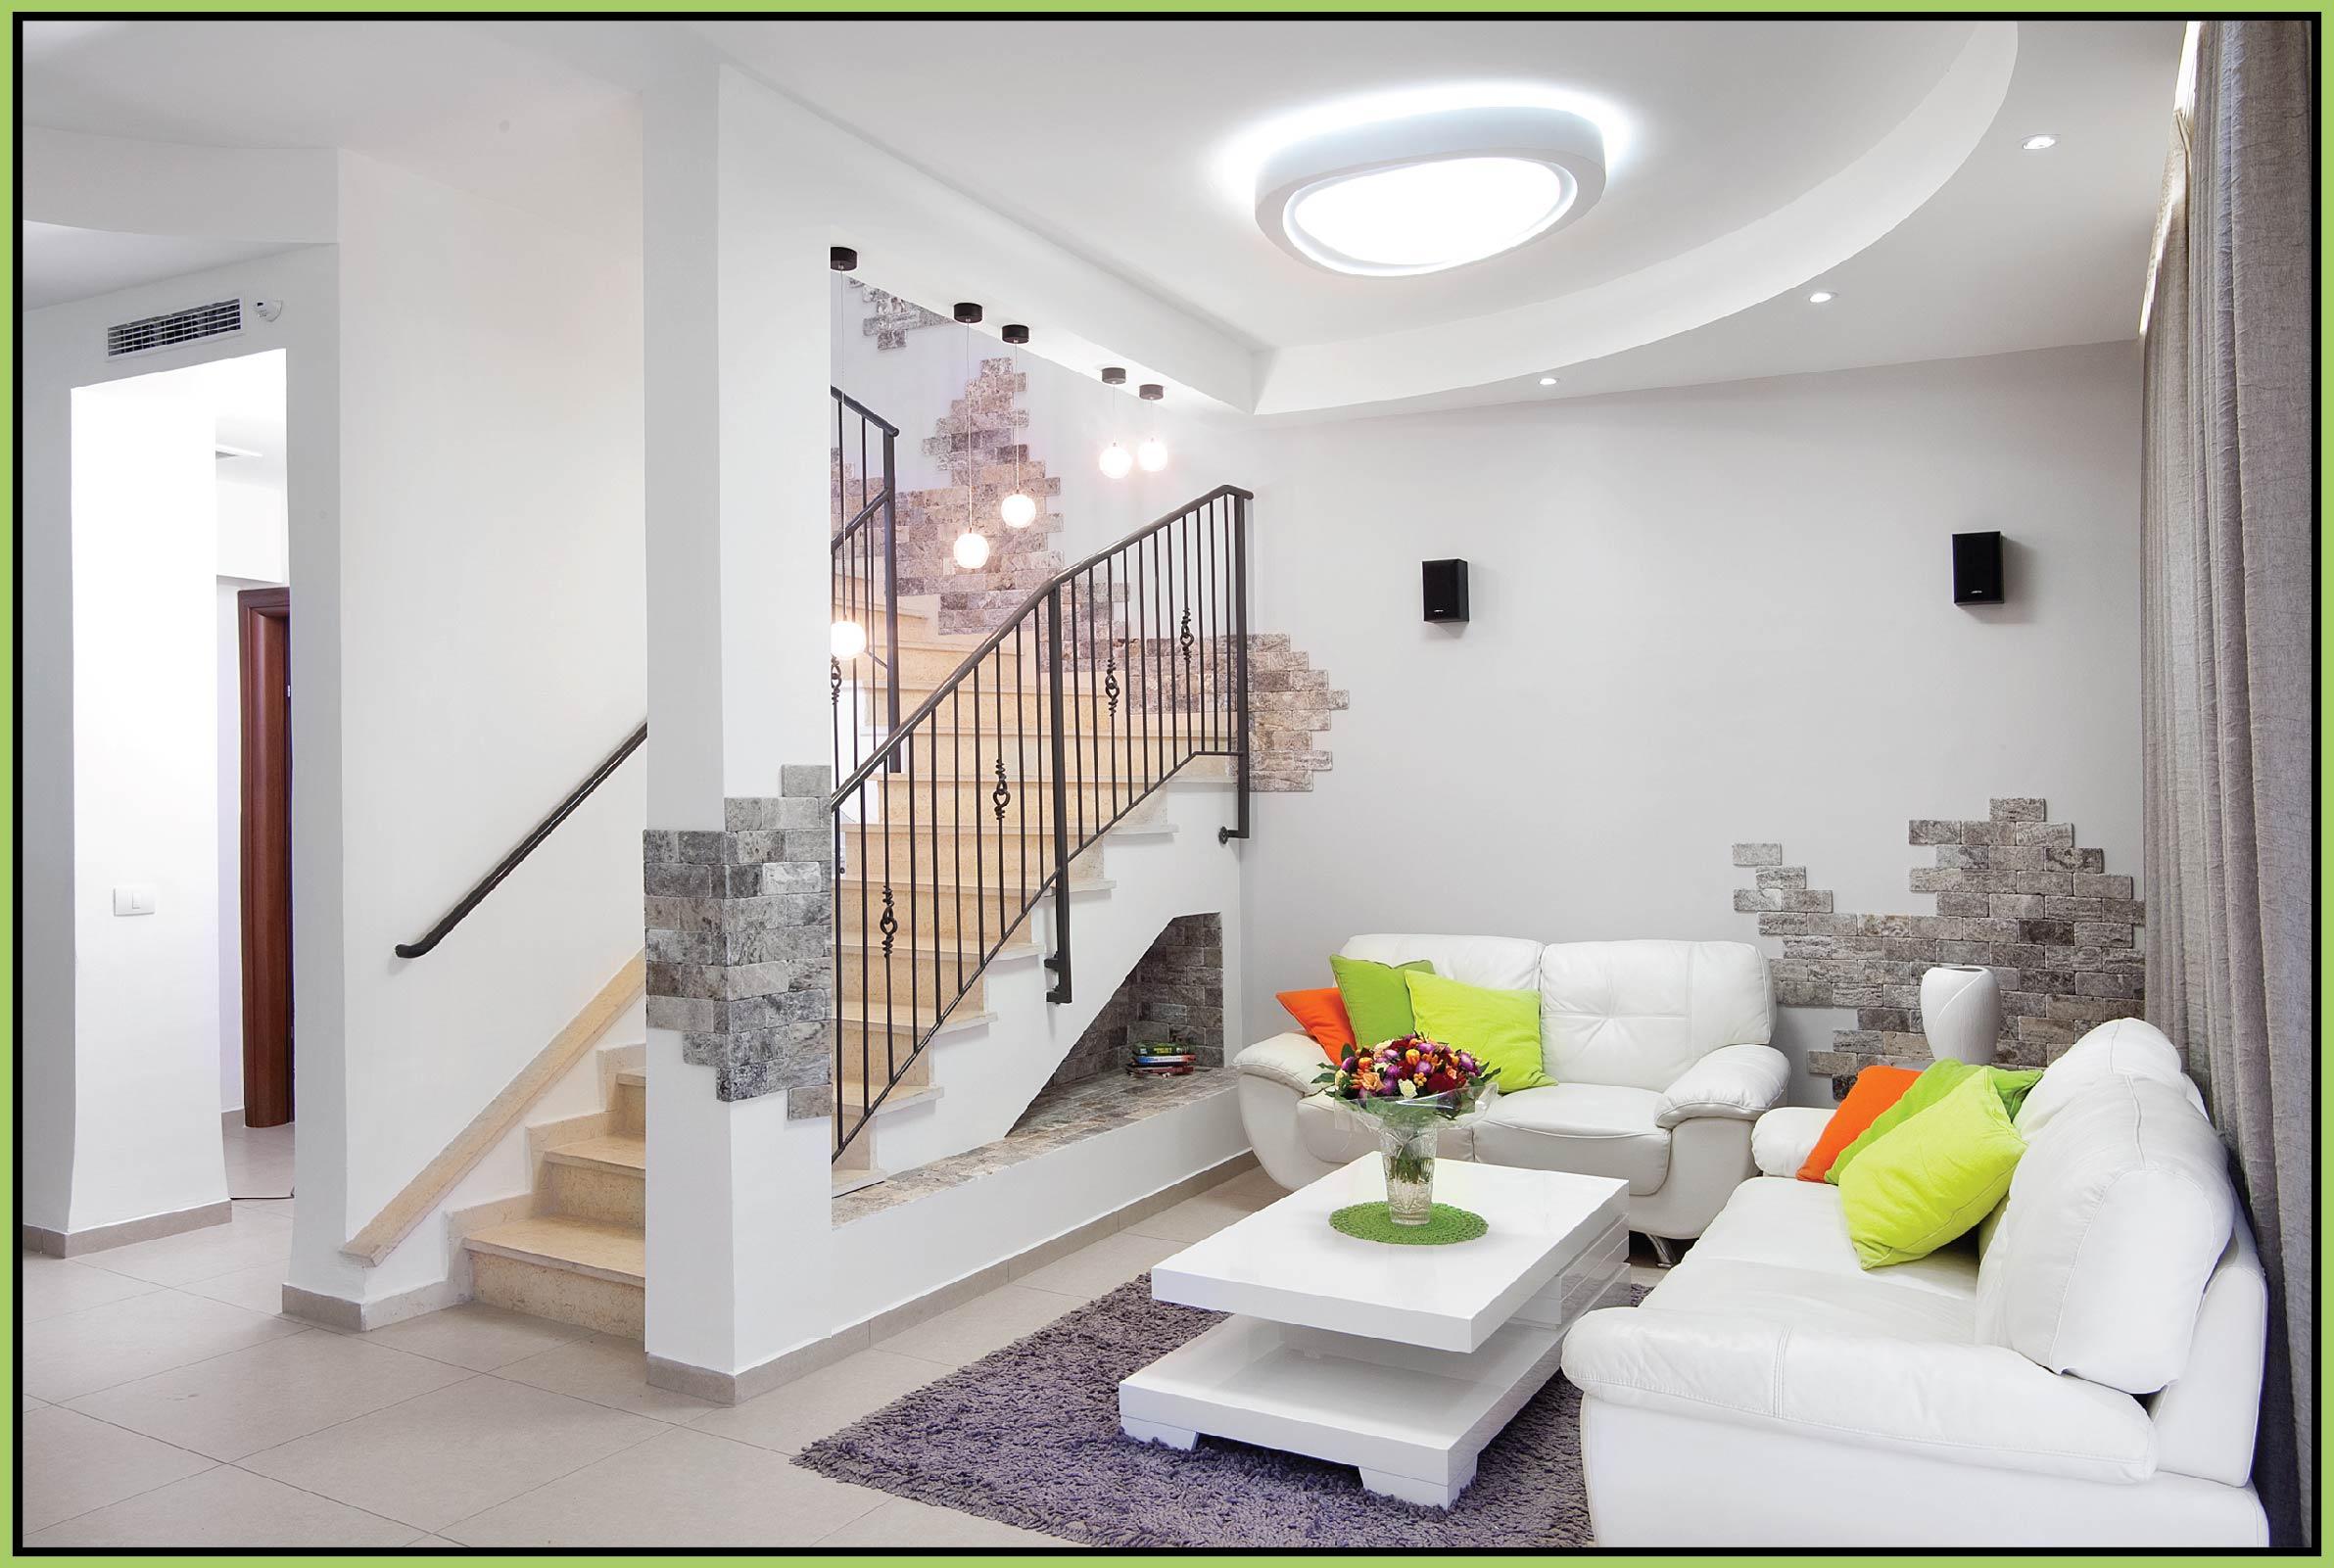 Niche design under the stairs